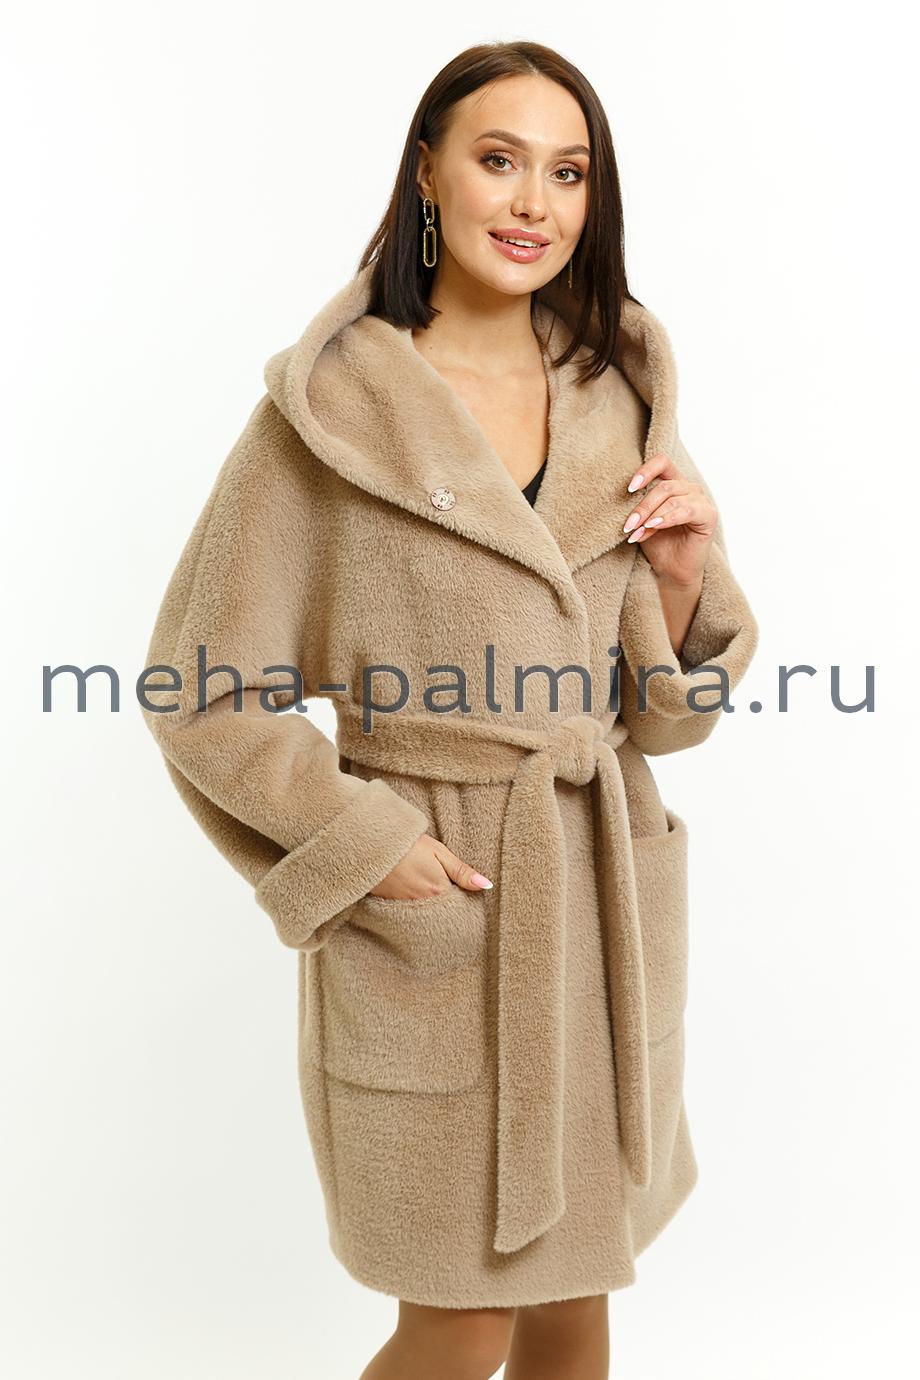 Укорочённое женское пальто с капюшоном ворсовое из шерсти